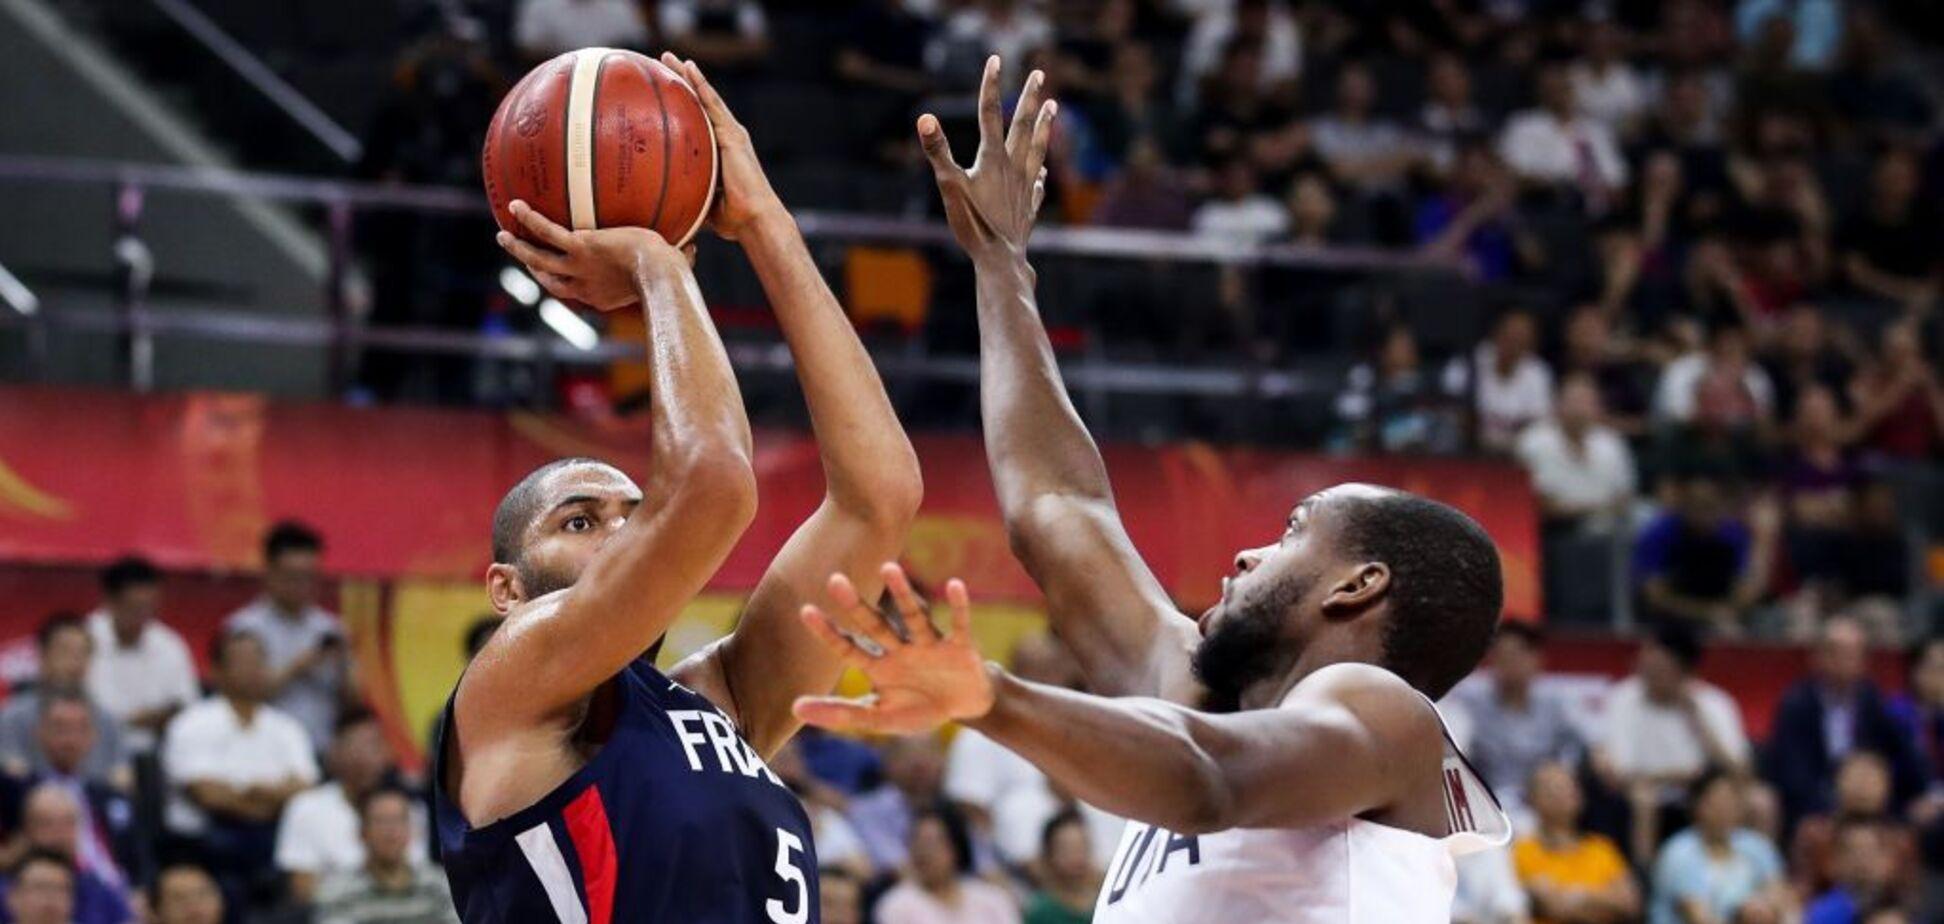 США сенсаційно програли 1/4 фіналу чемпіонату світу з баскетболу